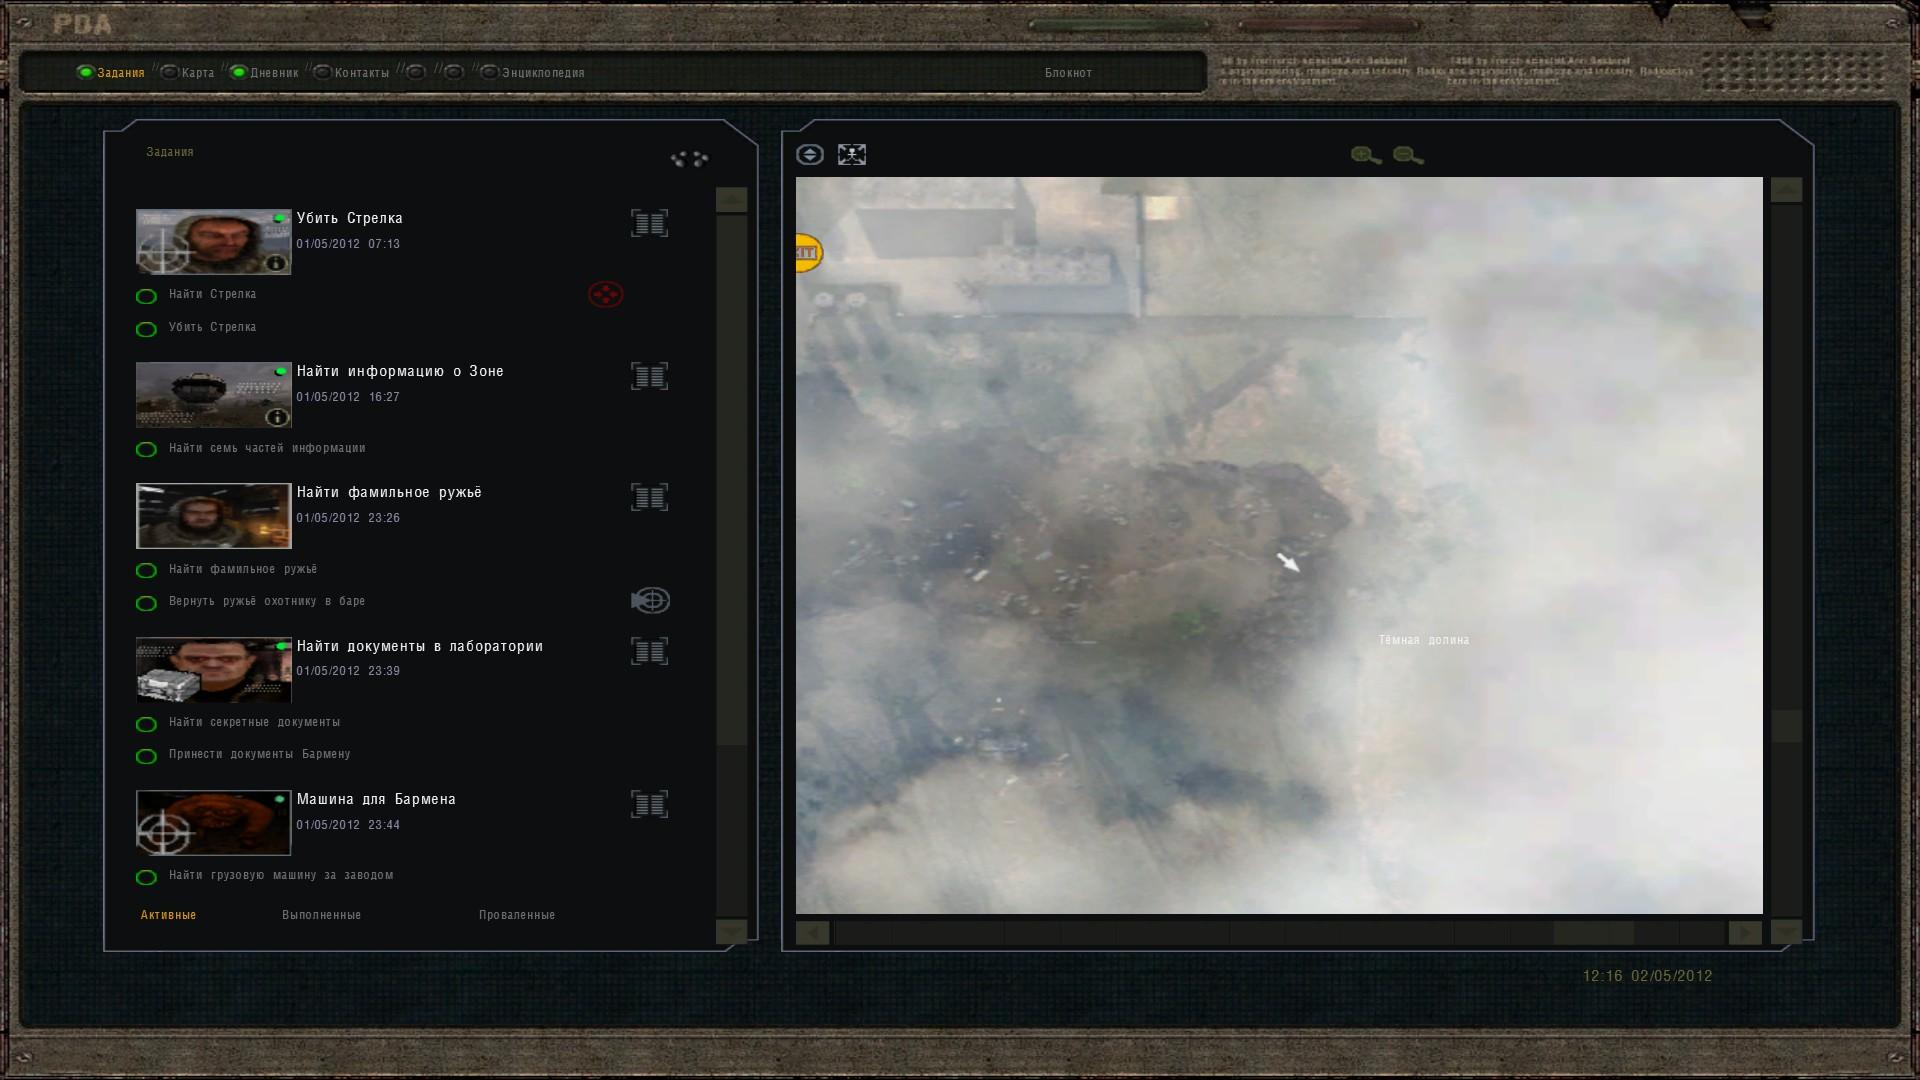 Oblivion Lost Remake 2.5 image 246